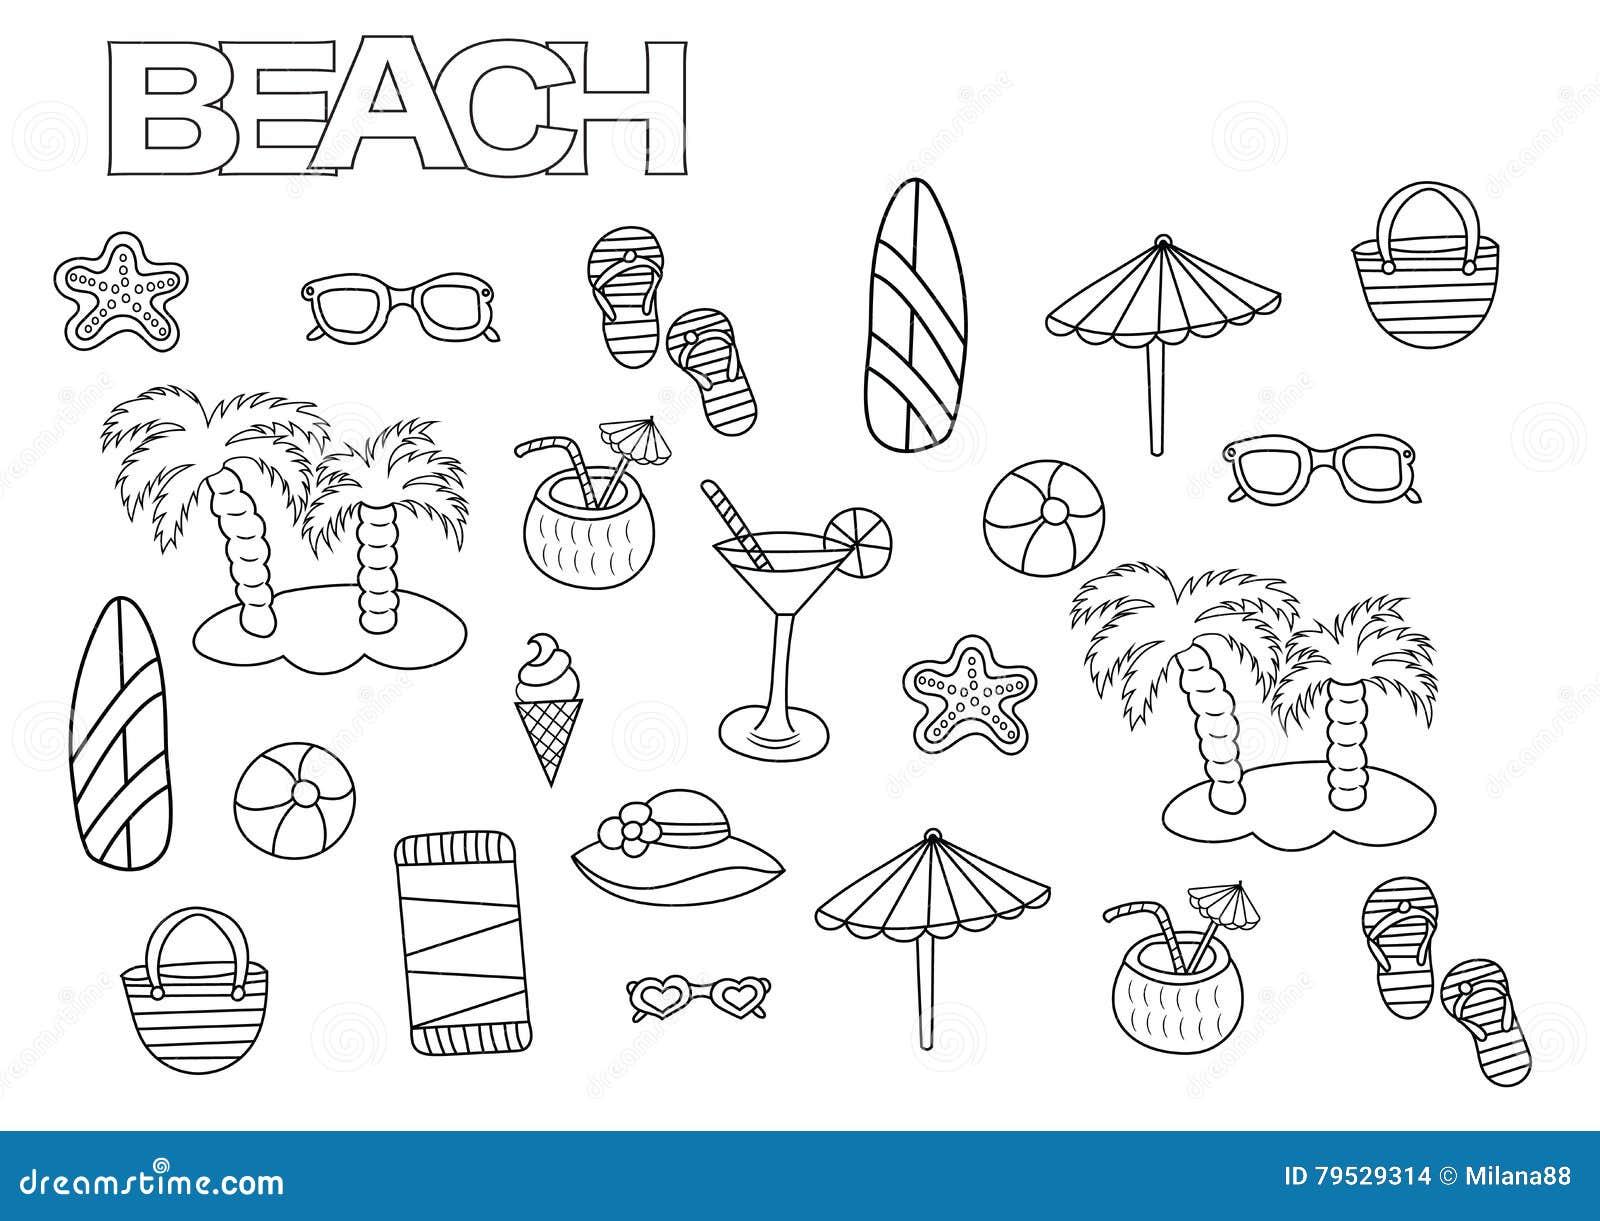 Dorable Colorear El Tema De Playa De Páginas Elaboración - Dibujos ...